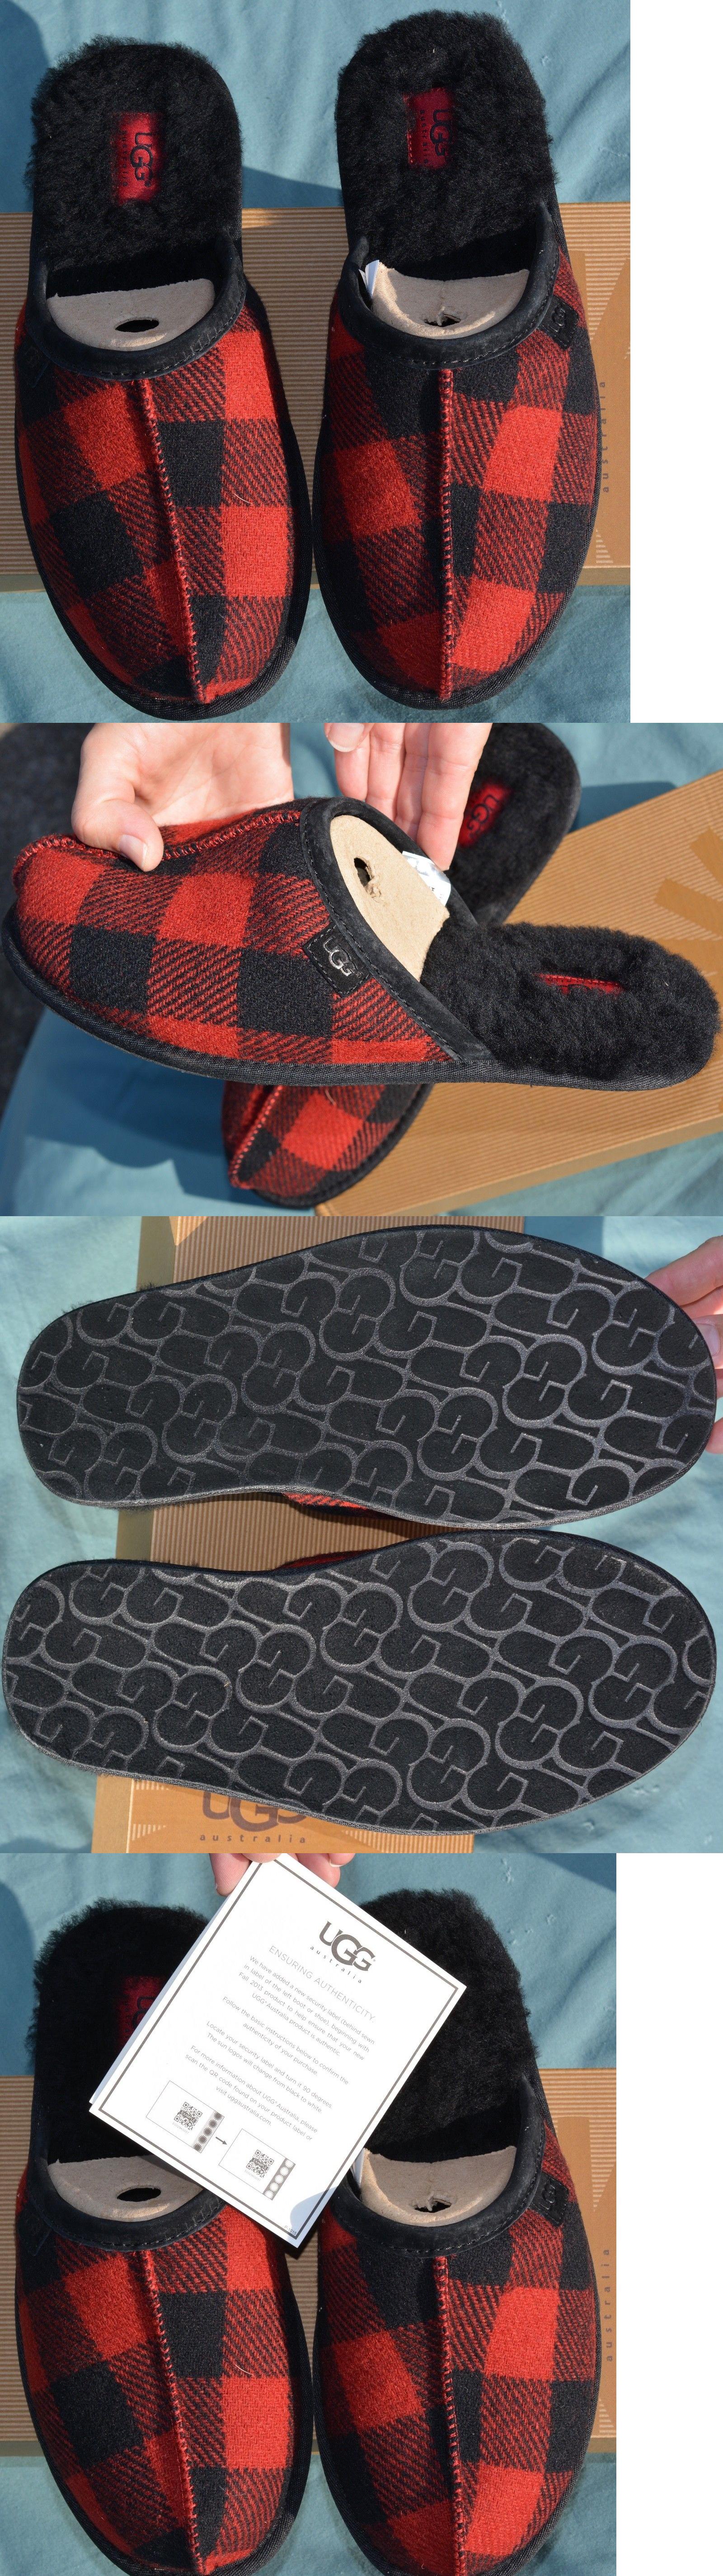 e971c4e3689 Slippers 11505: New Ugg Australia Men Size 10 Us 43 Mens Scuff Plaid ...